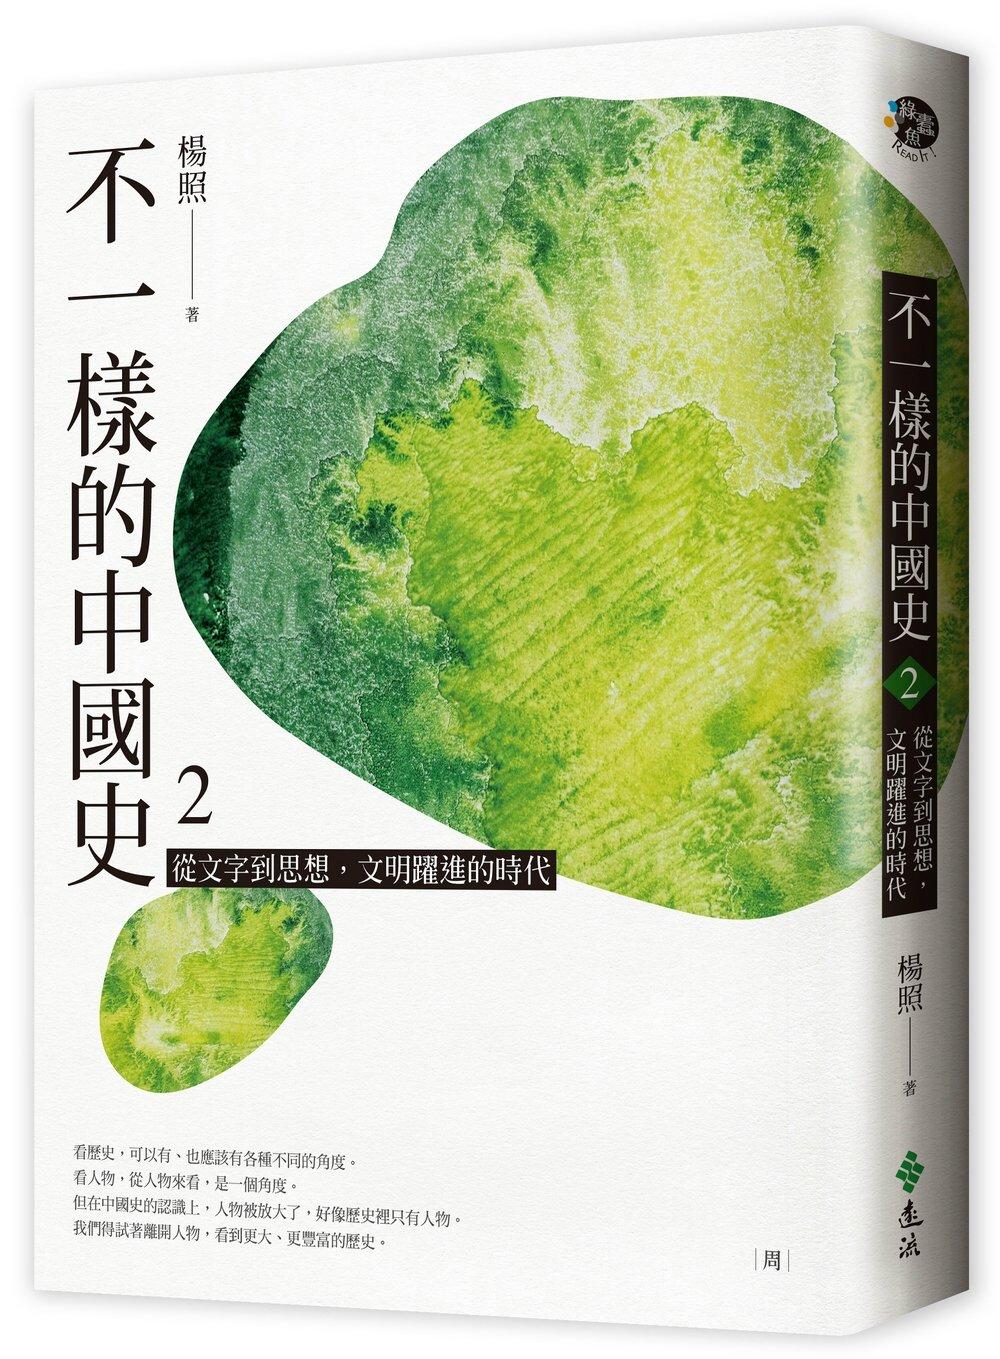 不一樣的中國史2:從文字到思想,文明躍進的時代──周